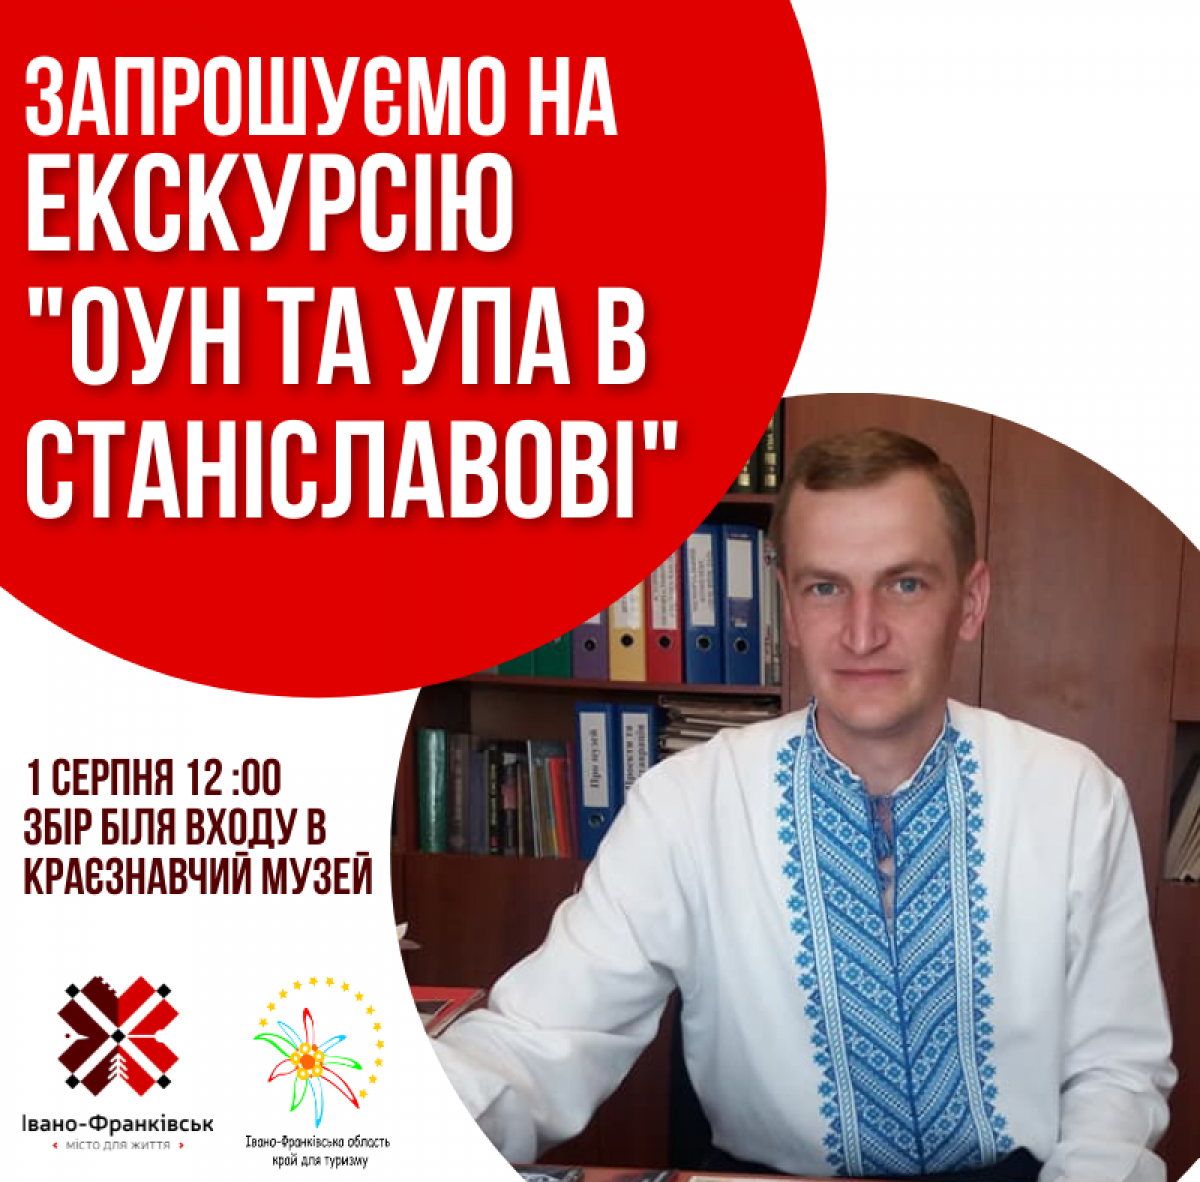 """""""ОУН та УПА в Станіславові"""""""